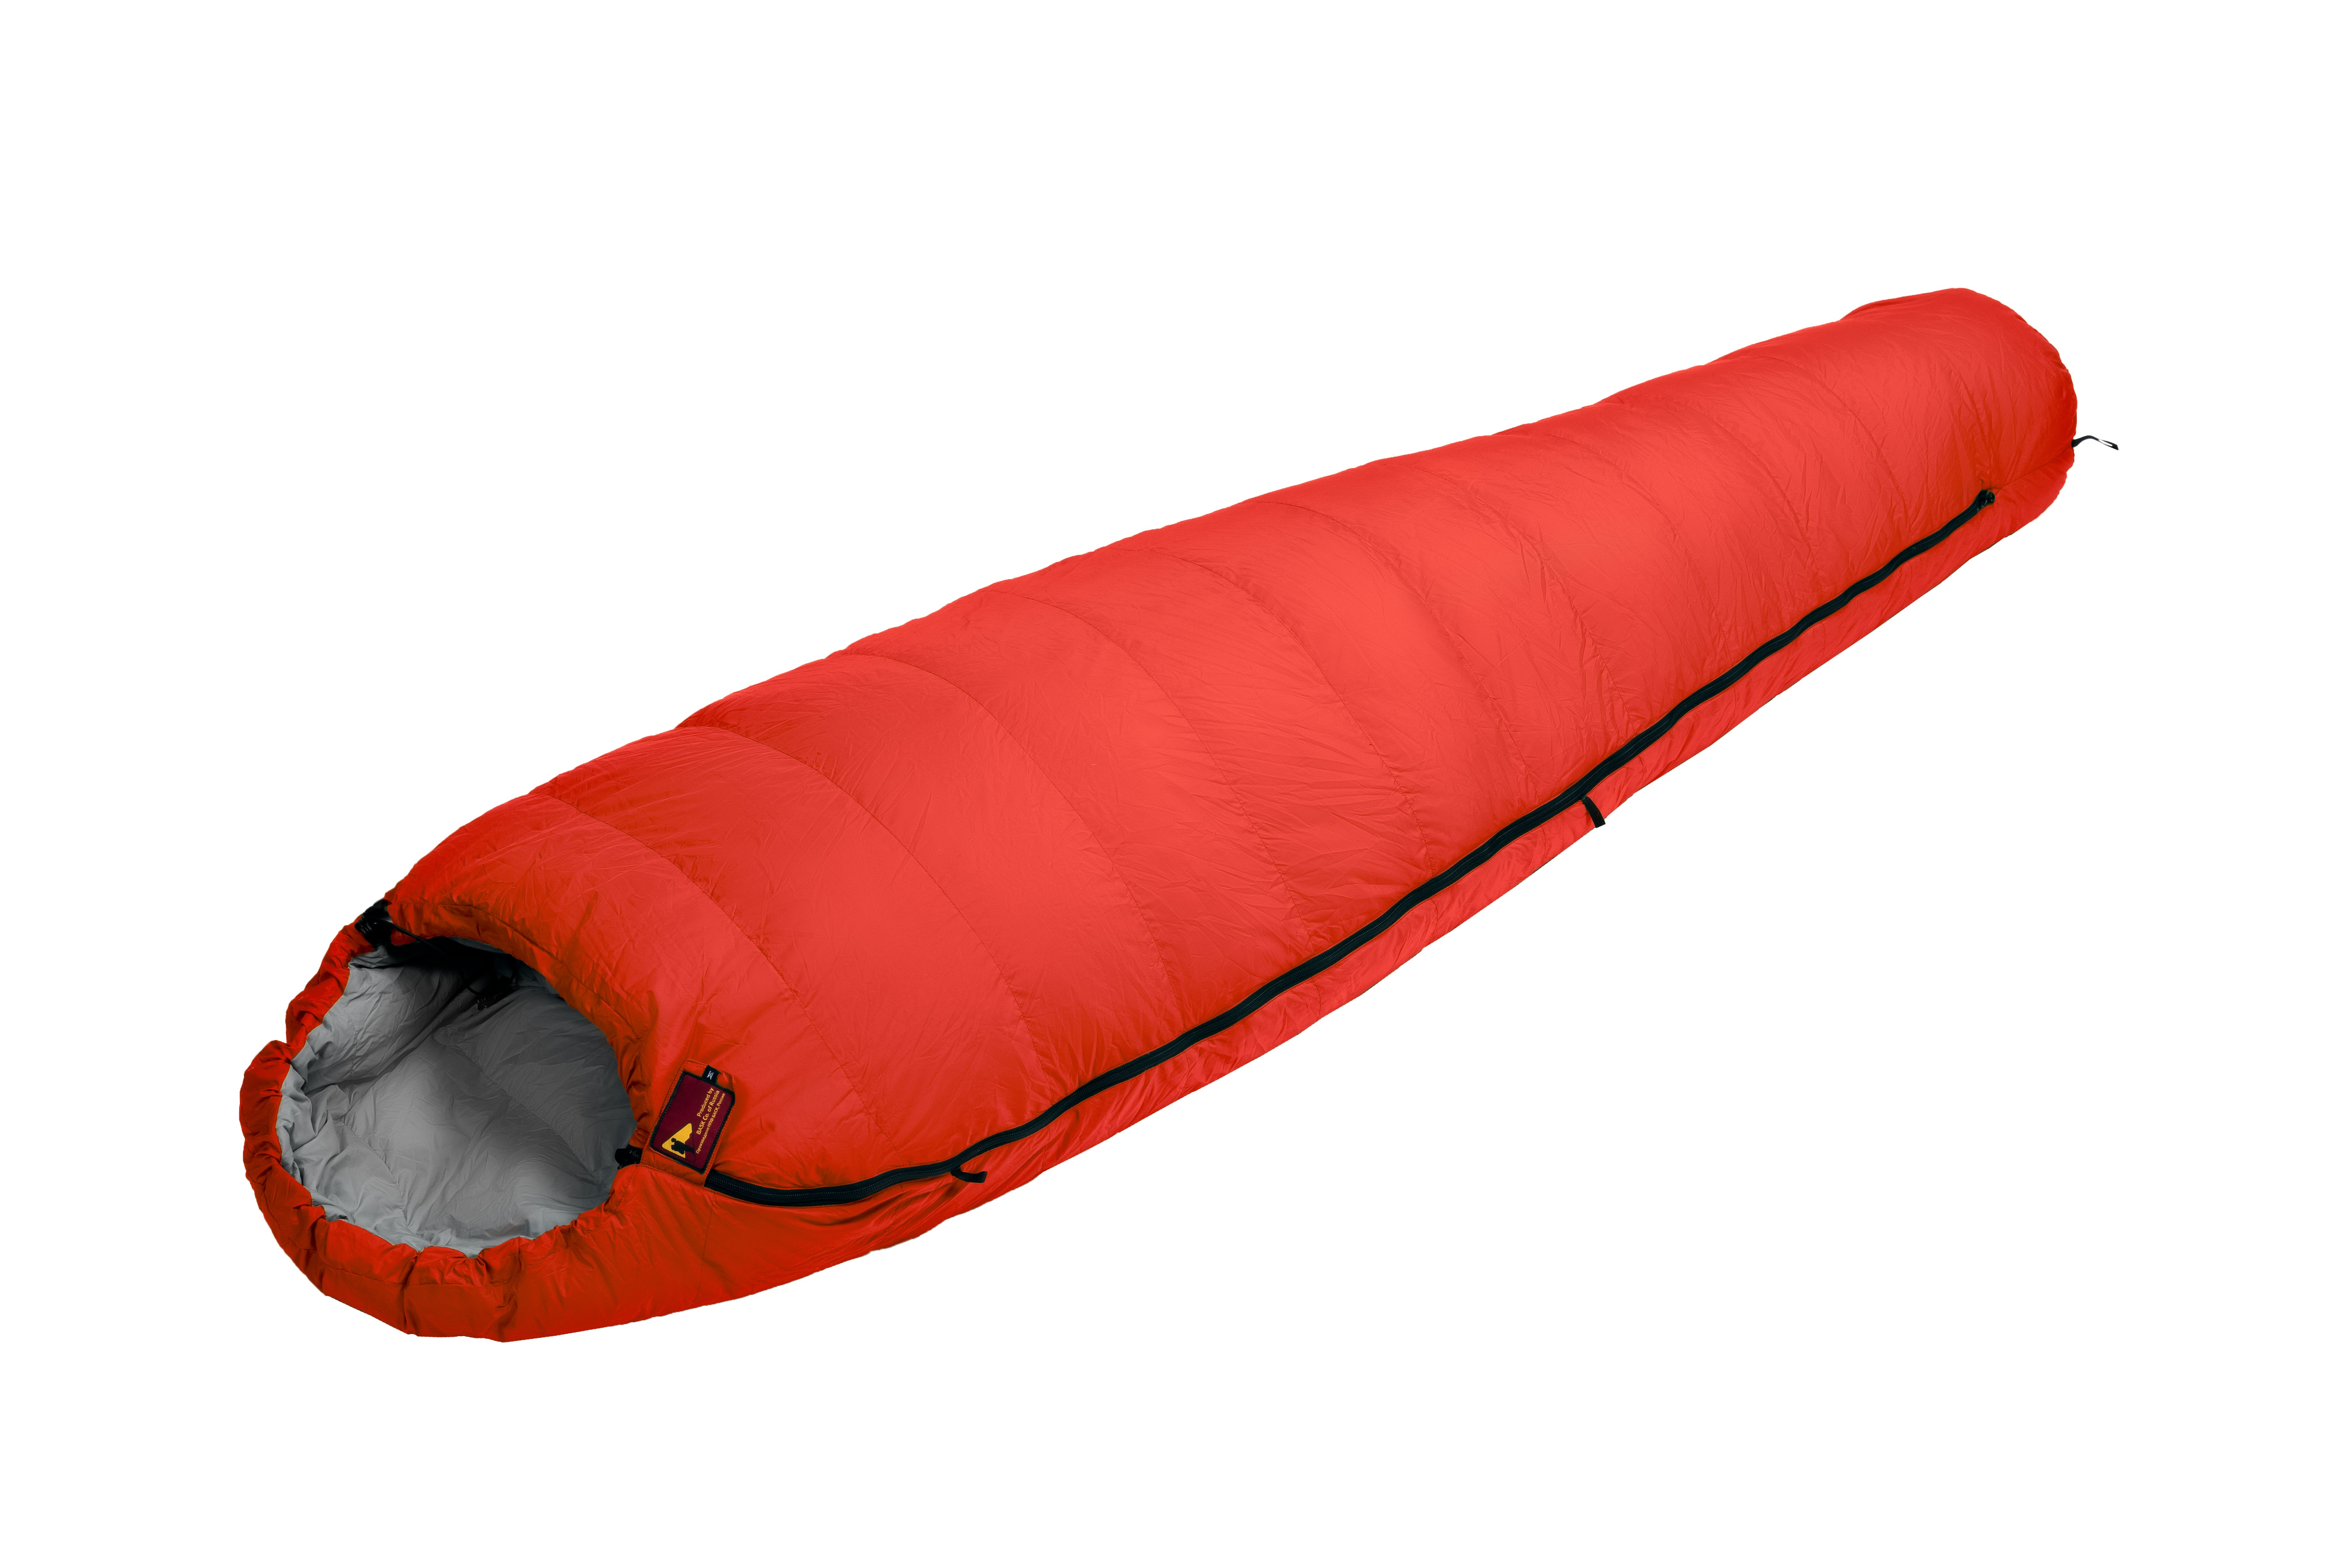 Спальный мешок BASK TREKKING 600+FP M V2 6100Спальные мешки<br><br><br>Верхняя ткань: Advance® Classic<br>Вес без упаковки: 980<br>Вес упаковки: 140<br>Вес утеплителя: 645<br>Внутренняя ткань: Advance® Classic<br>Назначение: Экстремальный<br>Наличие карманов: Да<br>Наполнитель: Гусиный пух<br>Нижняя температура комфорта °C: -6<br>Подголовник/Капюшон: Да<br>Показатель Fill Power (для пуховых изделий): 670<br>Пол: Унисекс<br>Размер в упакованном виде (диаметр х длина): 18х46<br>Размеры наружные (внутренние): 220х190х78х51<br>Система расположения слоев утеплителя или пуховых пакетов: Смещенные швы<br>Тесьма вдоль планки: Да<br>Тип молнии: Двухзамковая-разъёмная<br>Тип утеплителя: Натуральный<br>Утеплитель: Гусиный пух<br>Утепляющая планка: Да<br>Форма: Кокон<br>Шейный пакет: Да<br>Экстремальная температура °C: -24<br>Размер INT: L<br>Цвет: КРАСНЫЙ